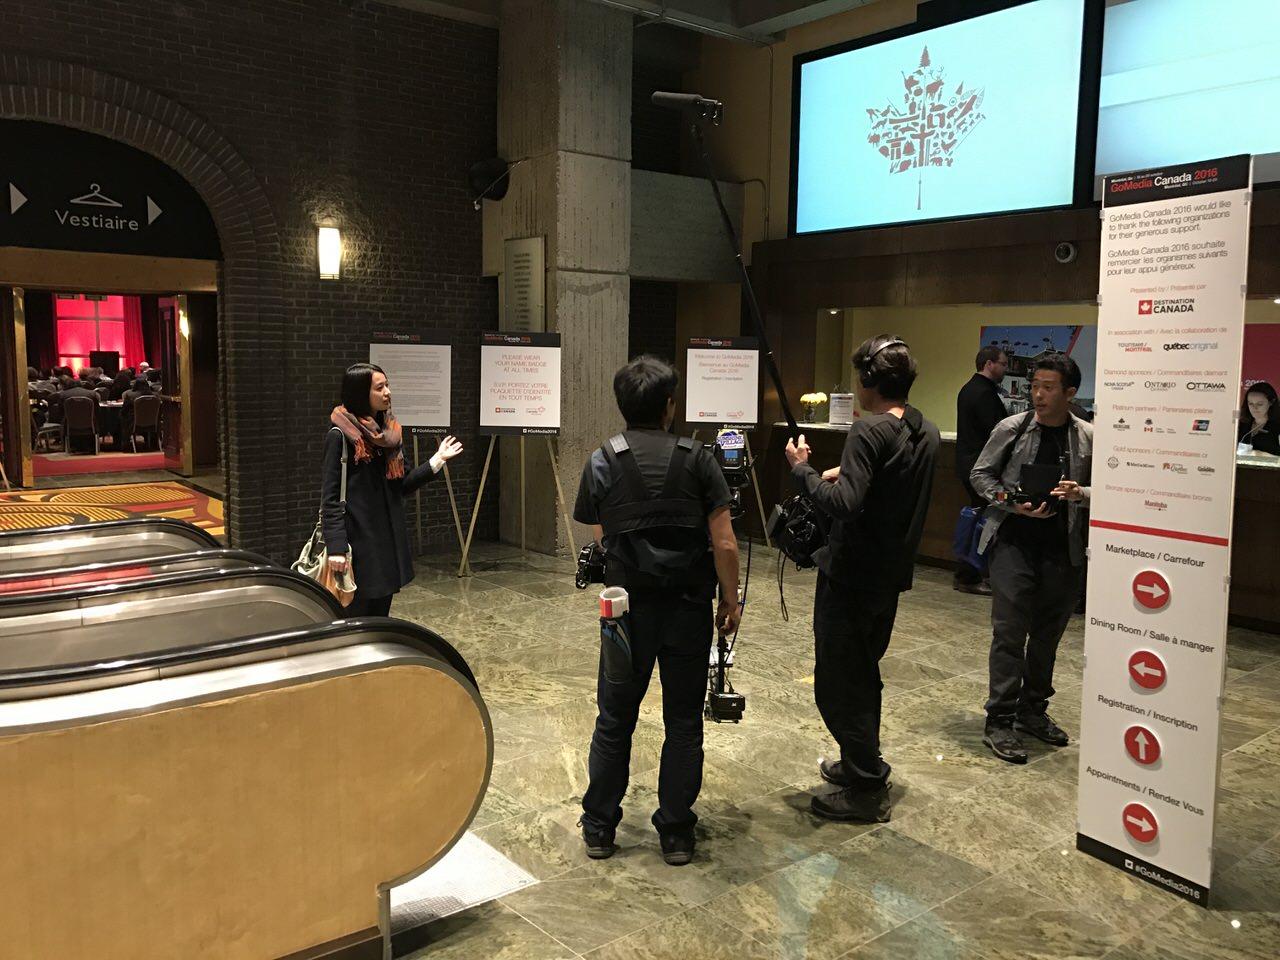 カナダ建国150周年記念ドラマ「モザイク・カナダ」撮影現場に遭遇!女優の安田早紀さんも #GoMedia2016 に参加中